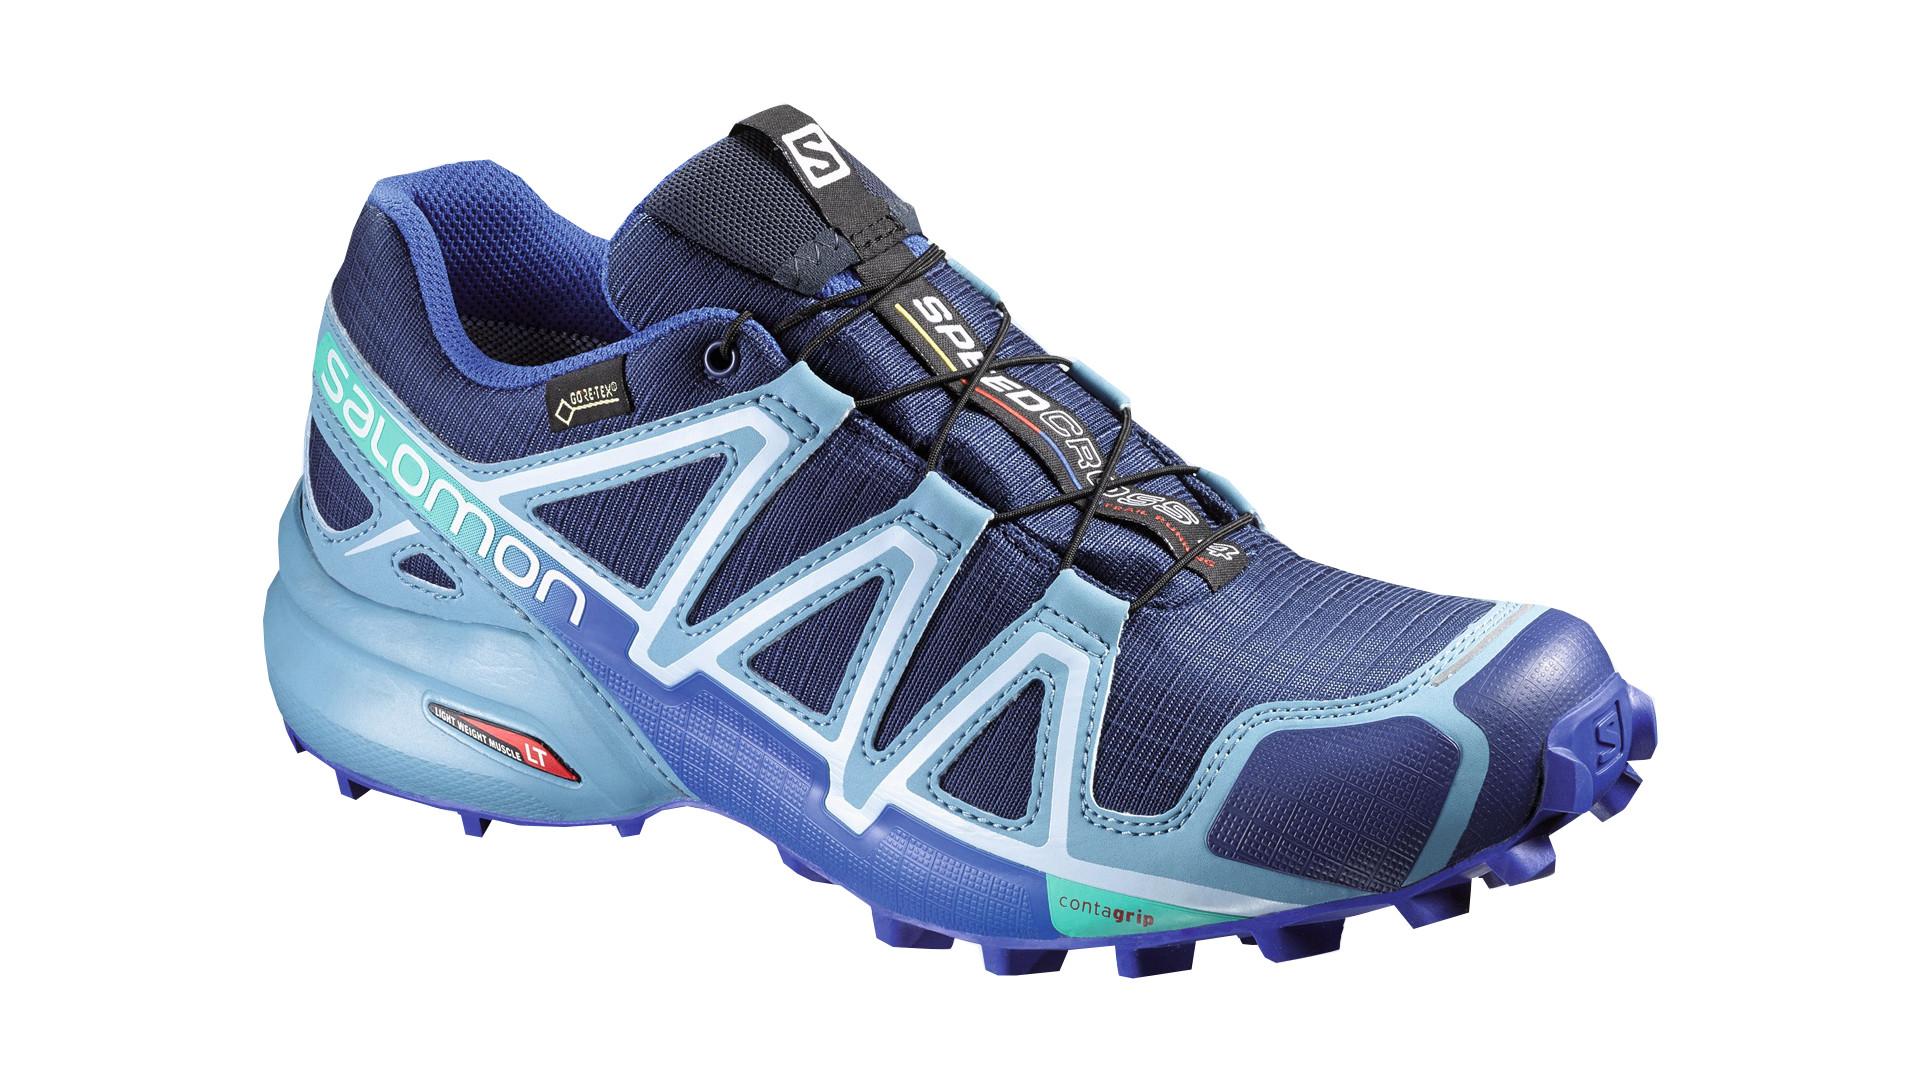 Беговые кроссовки для XC SALOMON 2016-17 SHOES SPEEDCROSS 4 GTX W Blue, Кроссовки бега, 1270589  - купить со скидкой